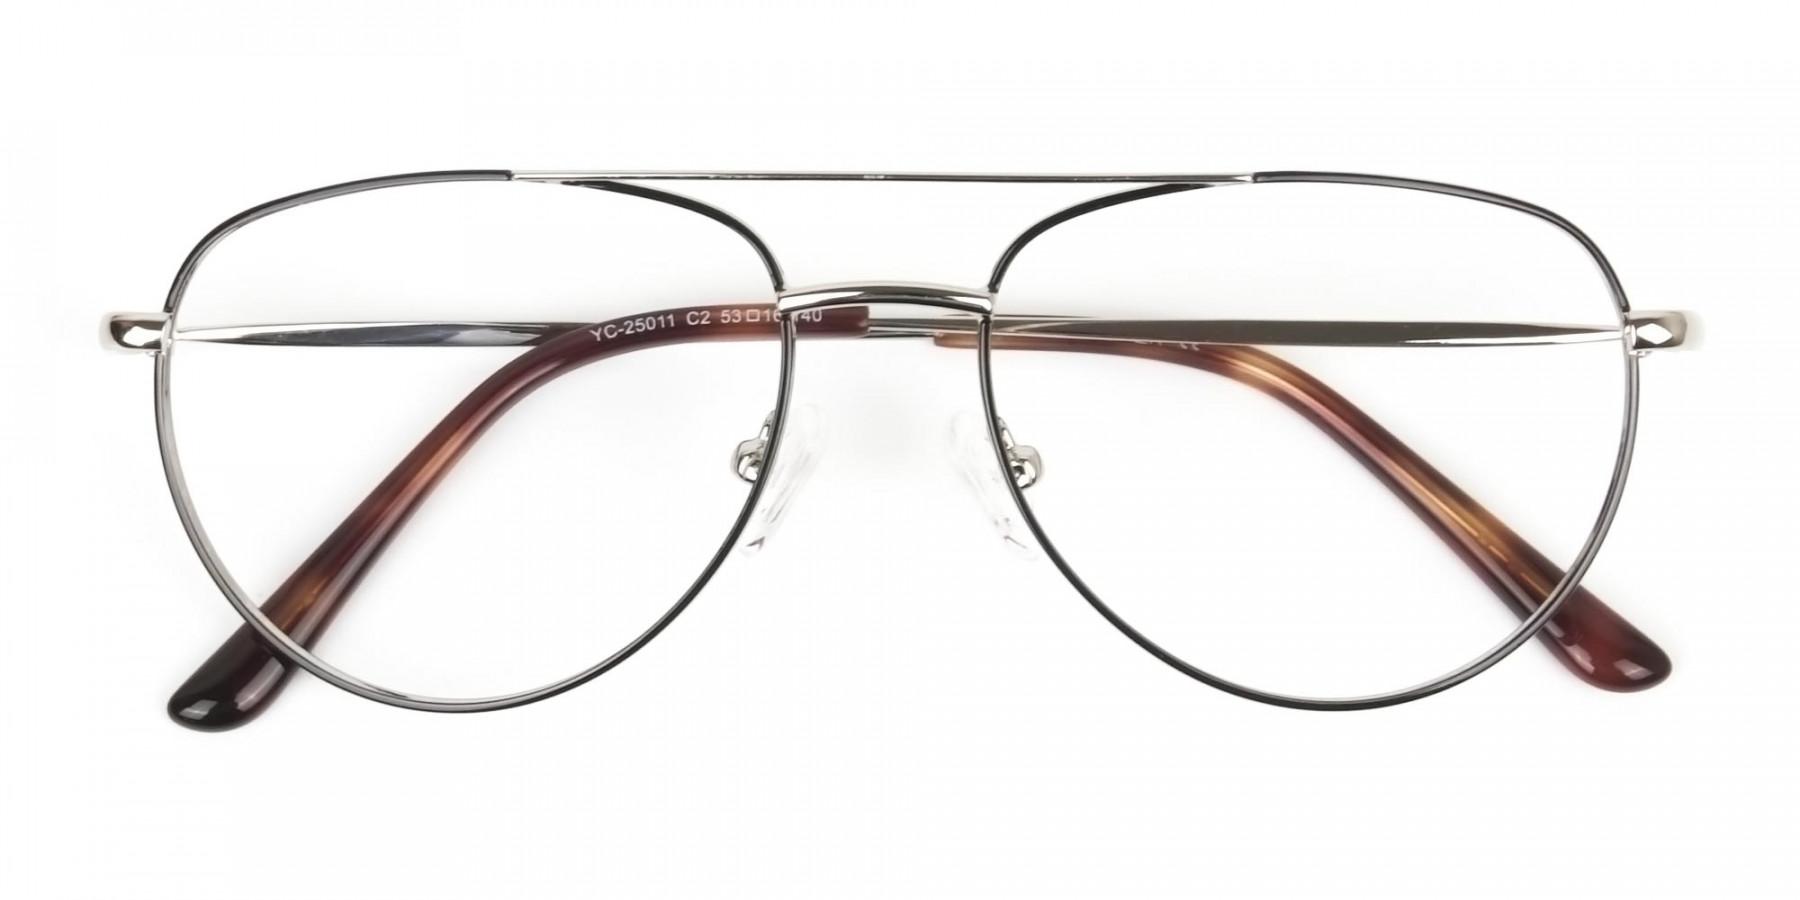 Black & Silver Aviator Glasses in Metal - 1